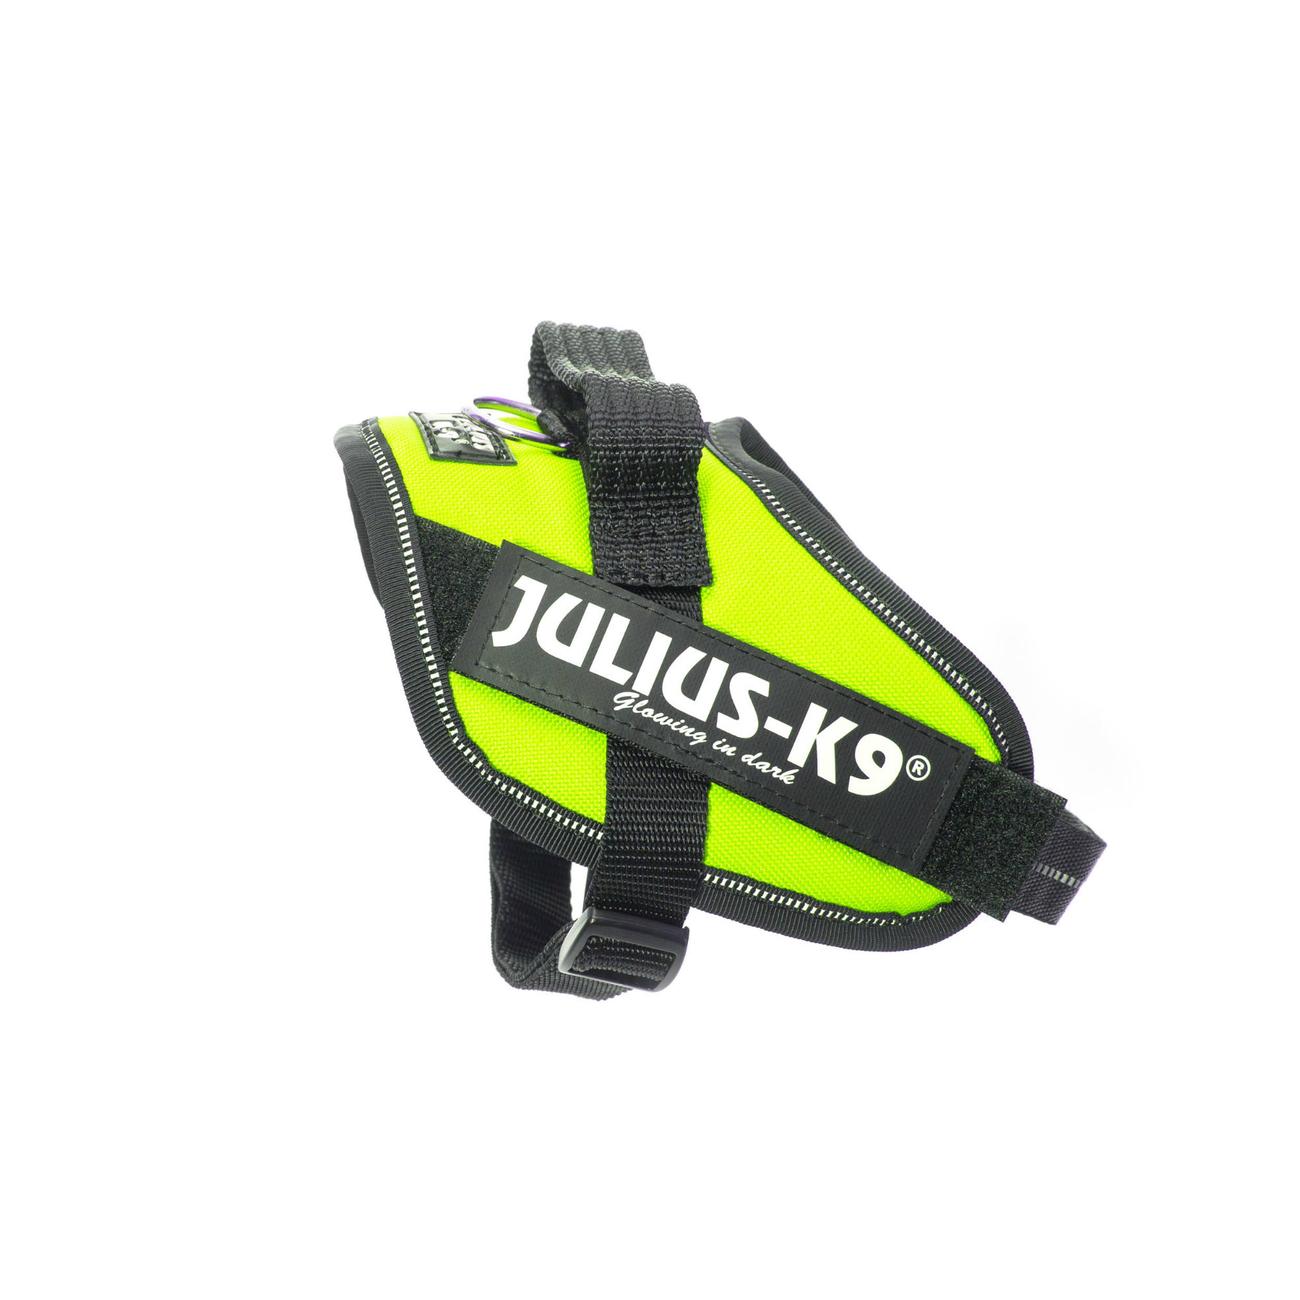 Julius K9 IDC® Powergeschirr® für Hunde, Bild 12